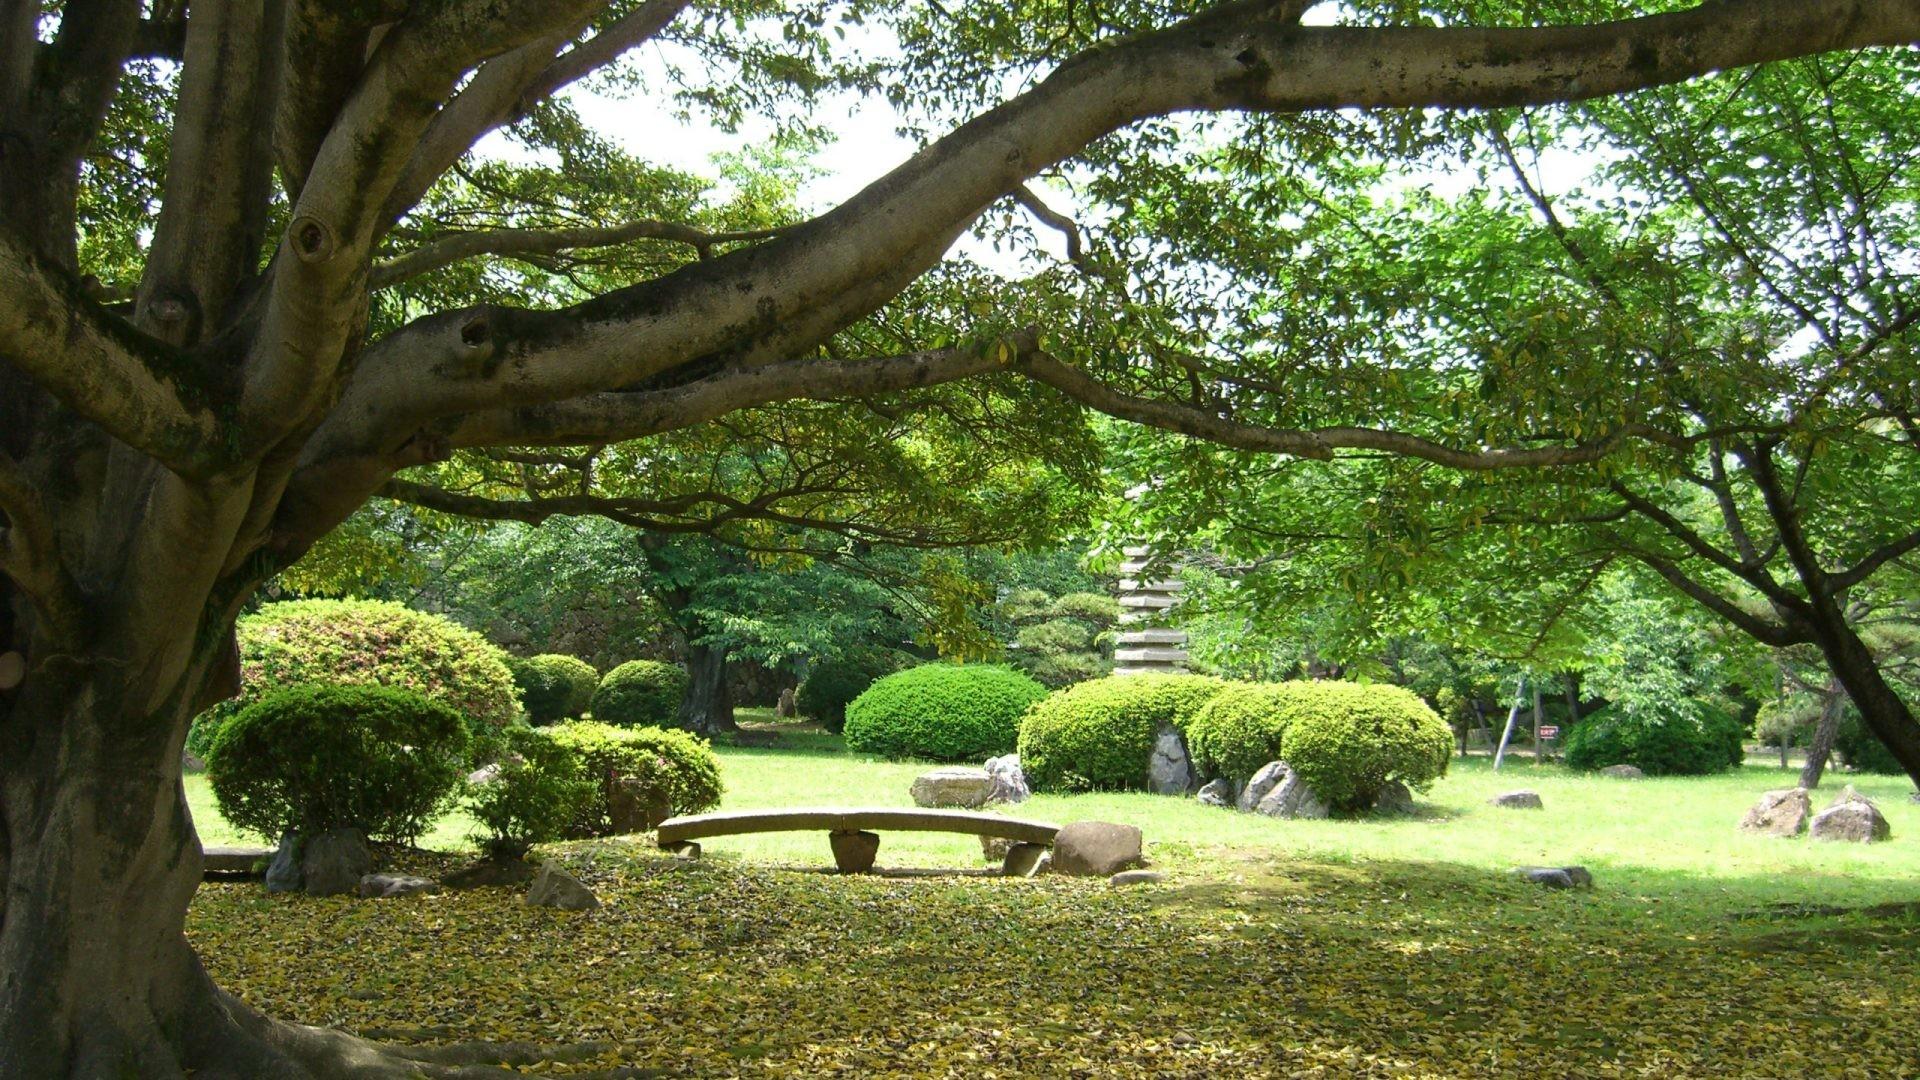 Zen wallpaper 1920x1080 68 images for Zen garden trees